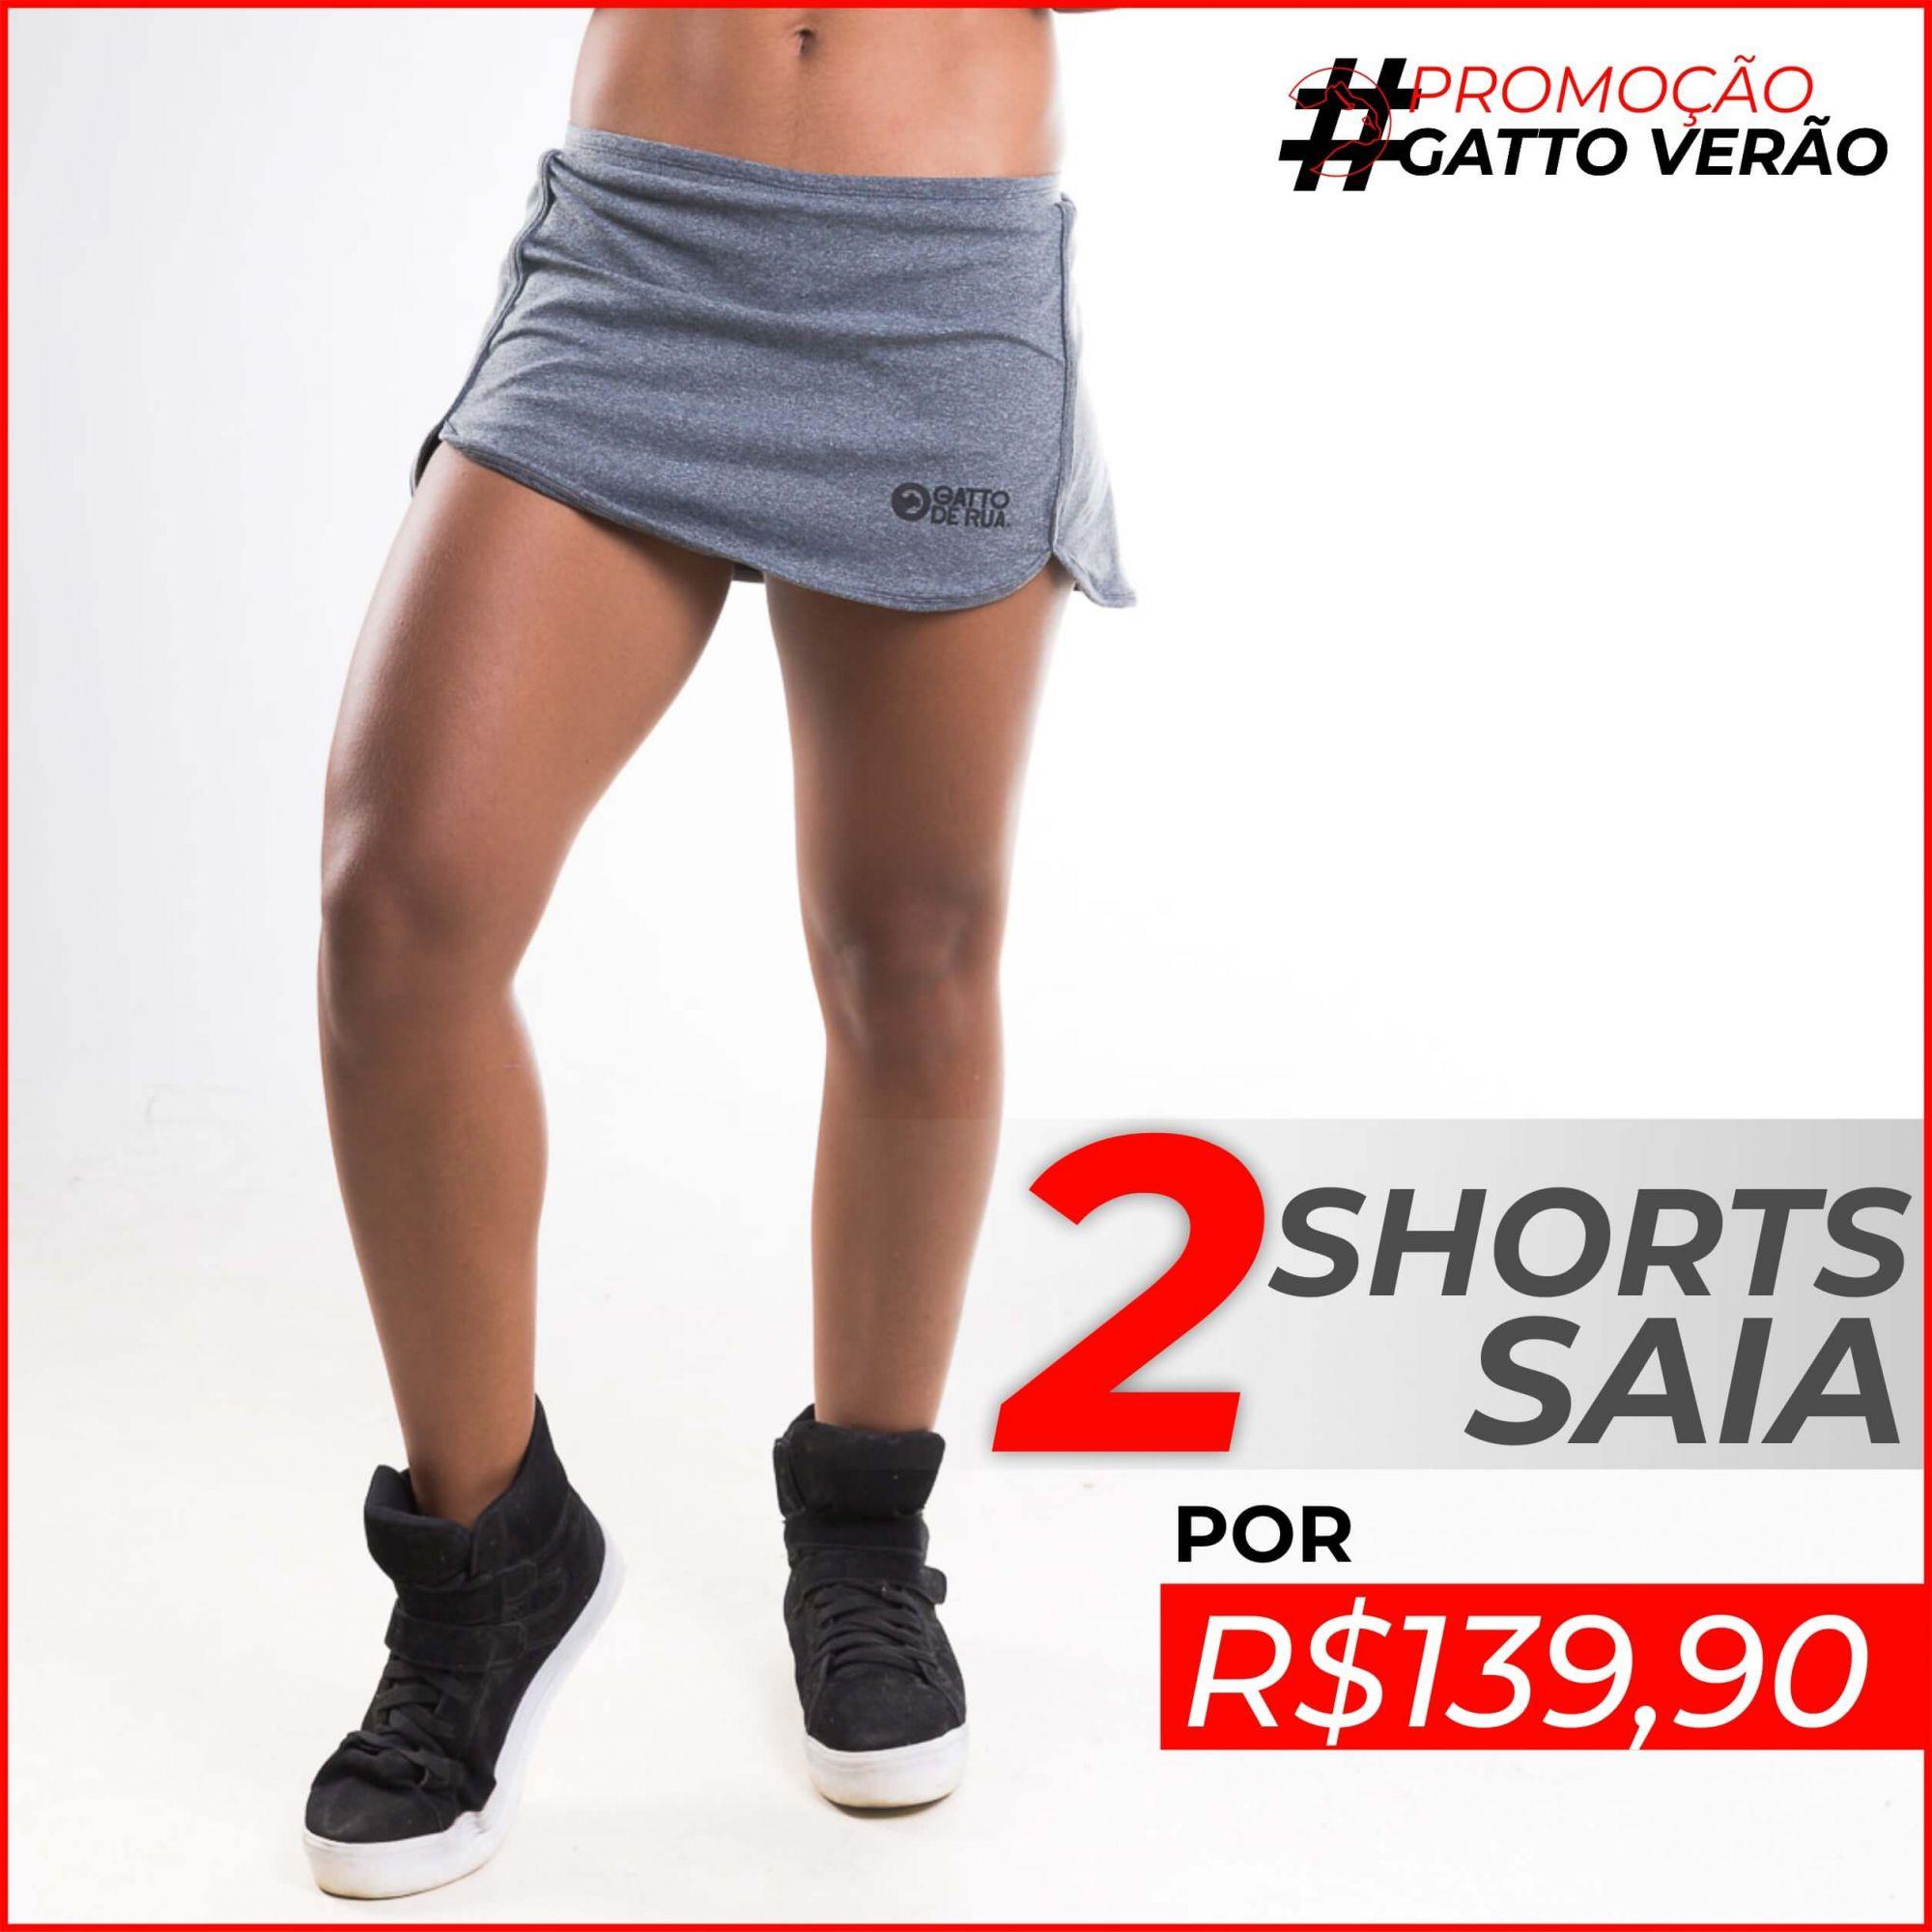 2 Shorts Saia Gatto de Rua